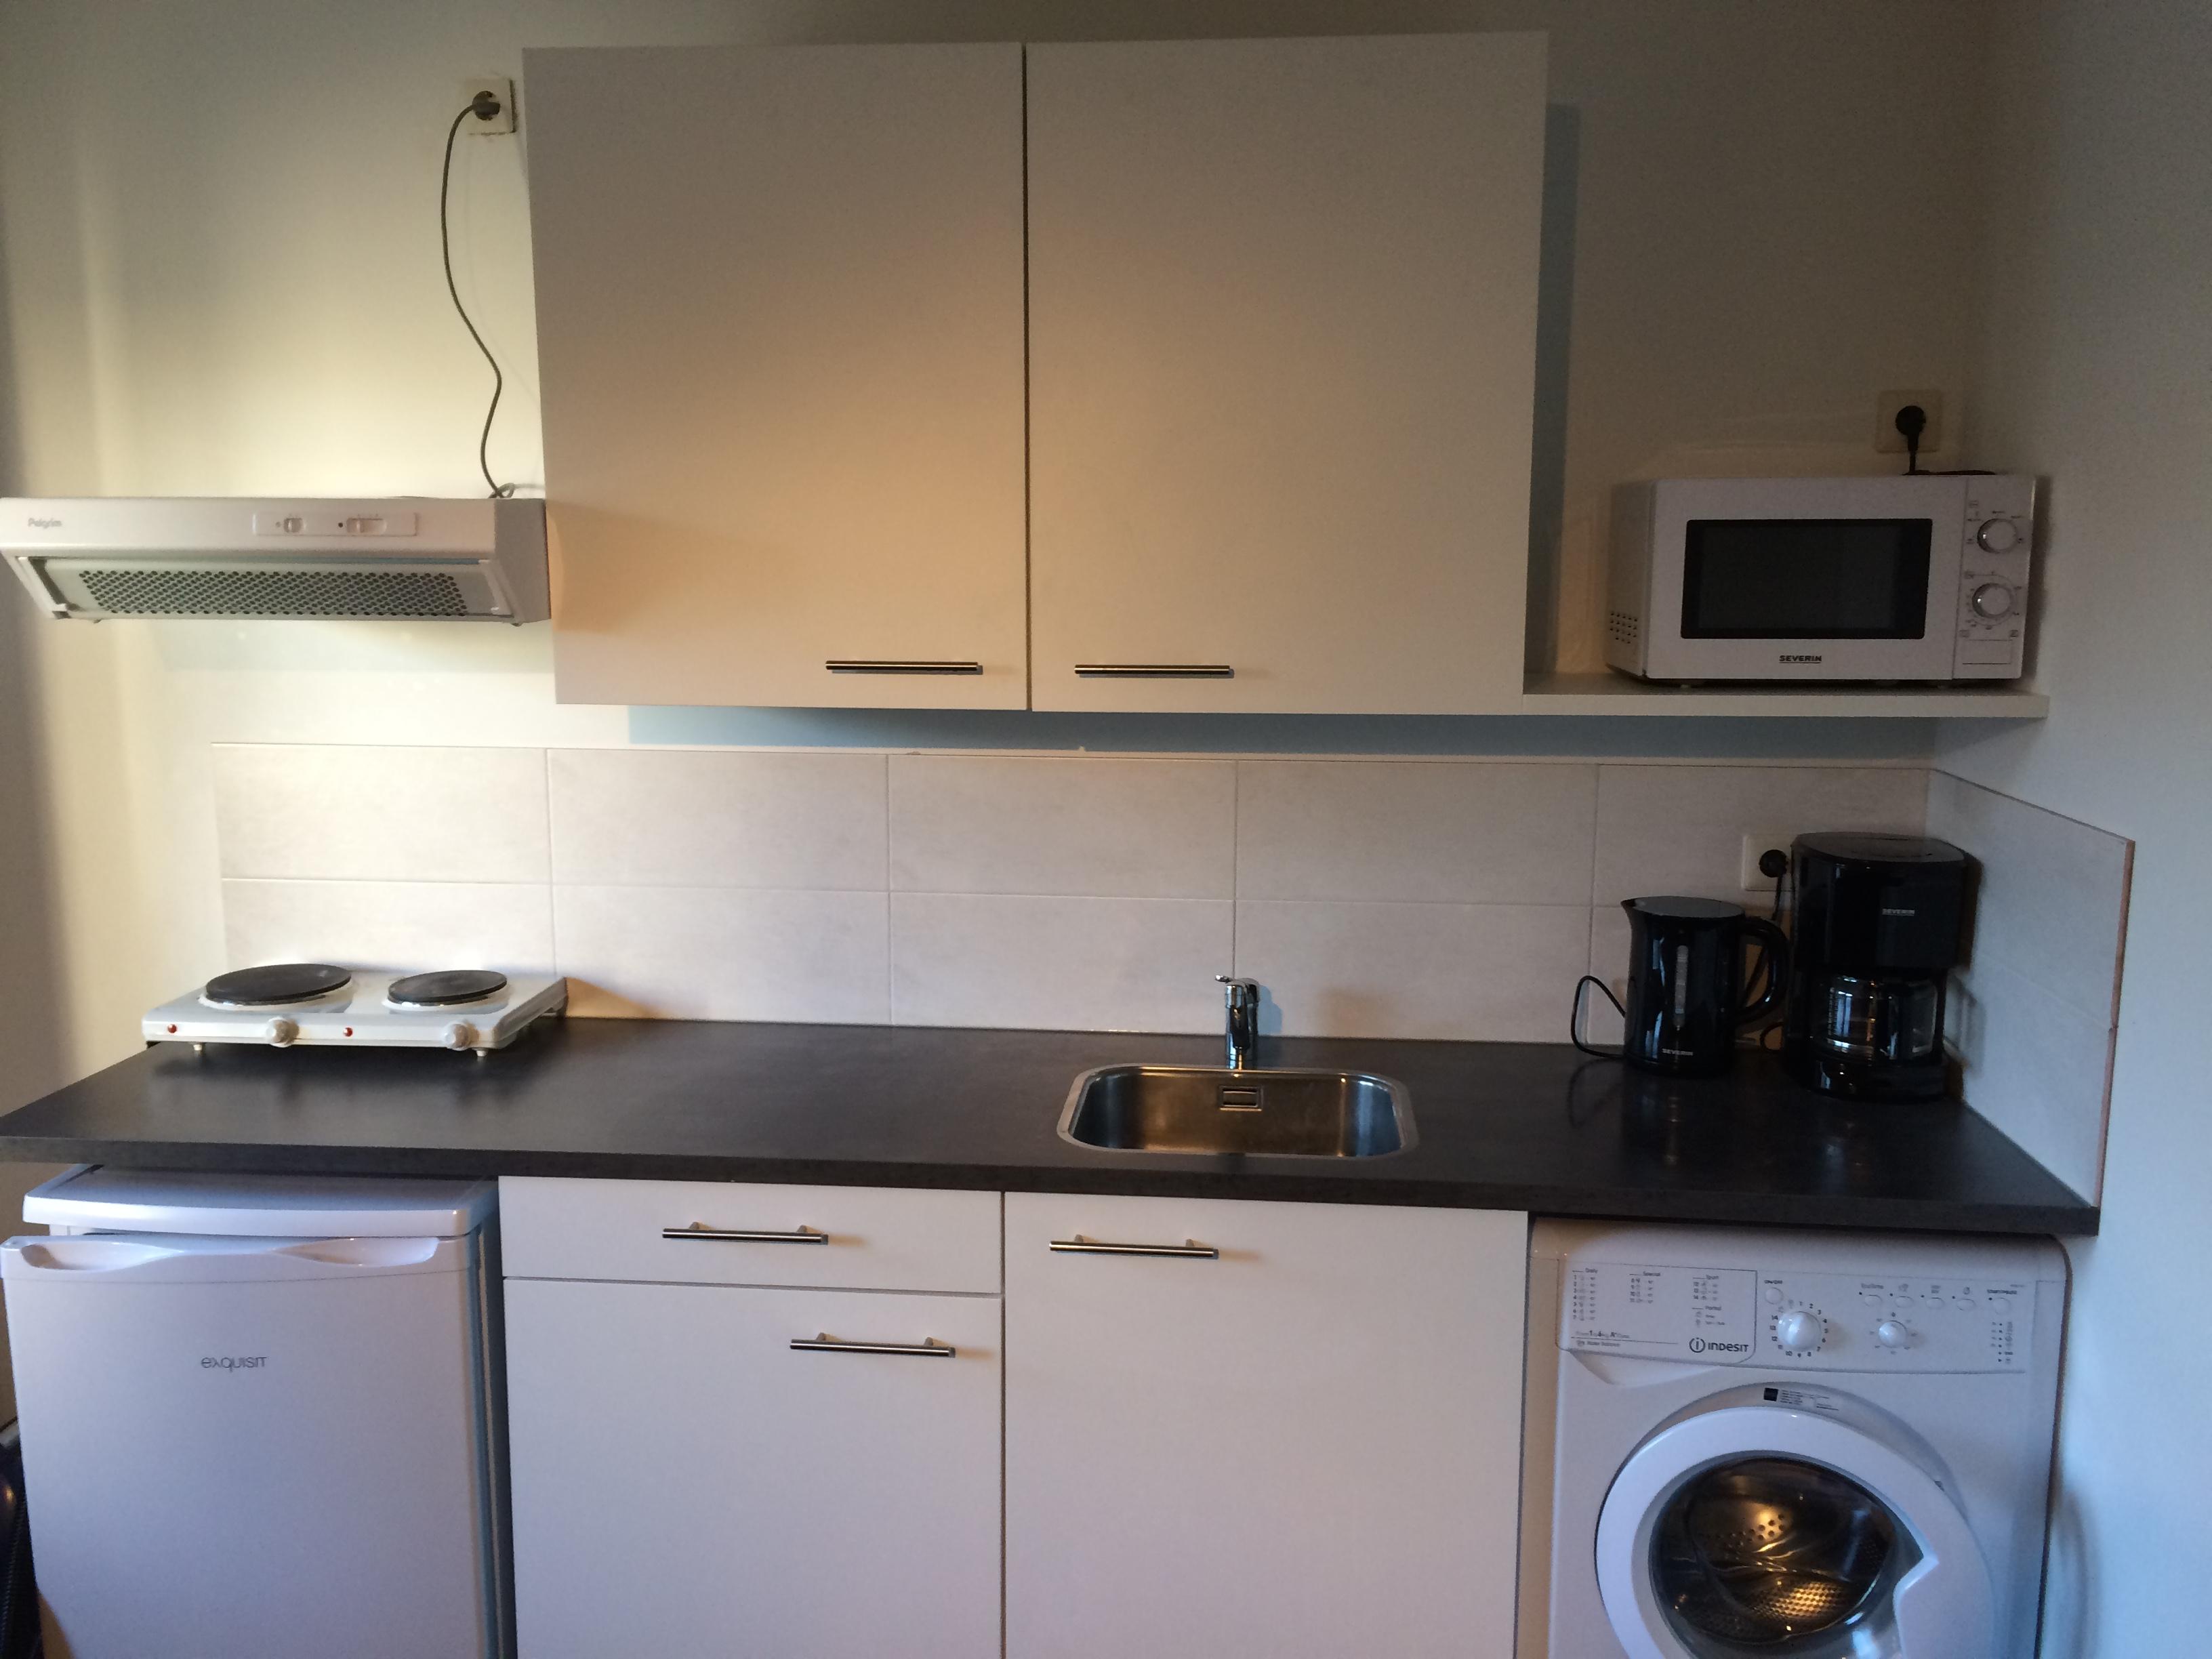 Te huur 3009 1 nieuw gemeubileerde studio in het centrumgebied van enschede twents vast enschede - Center meubilair keuken ...